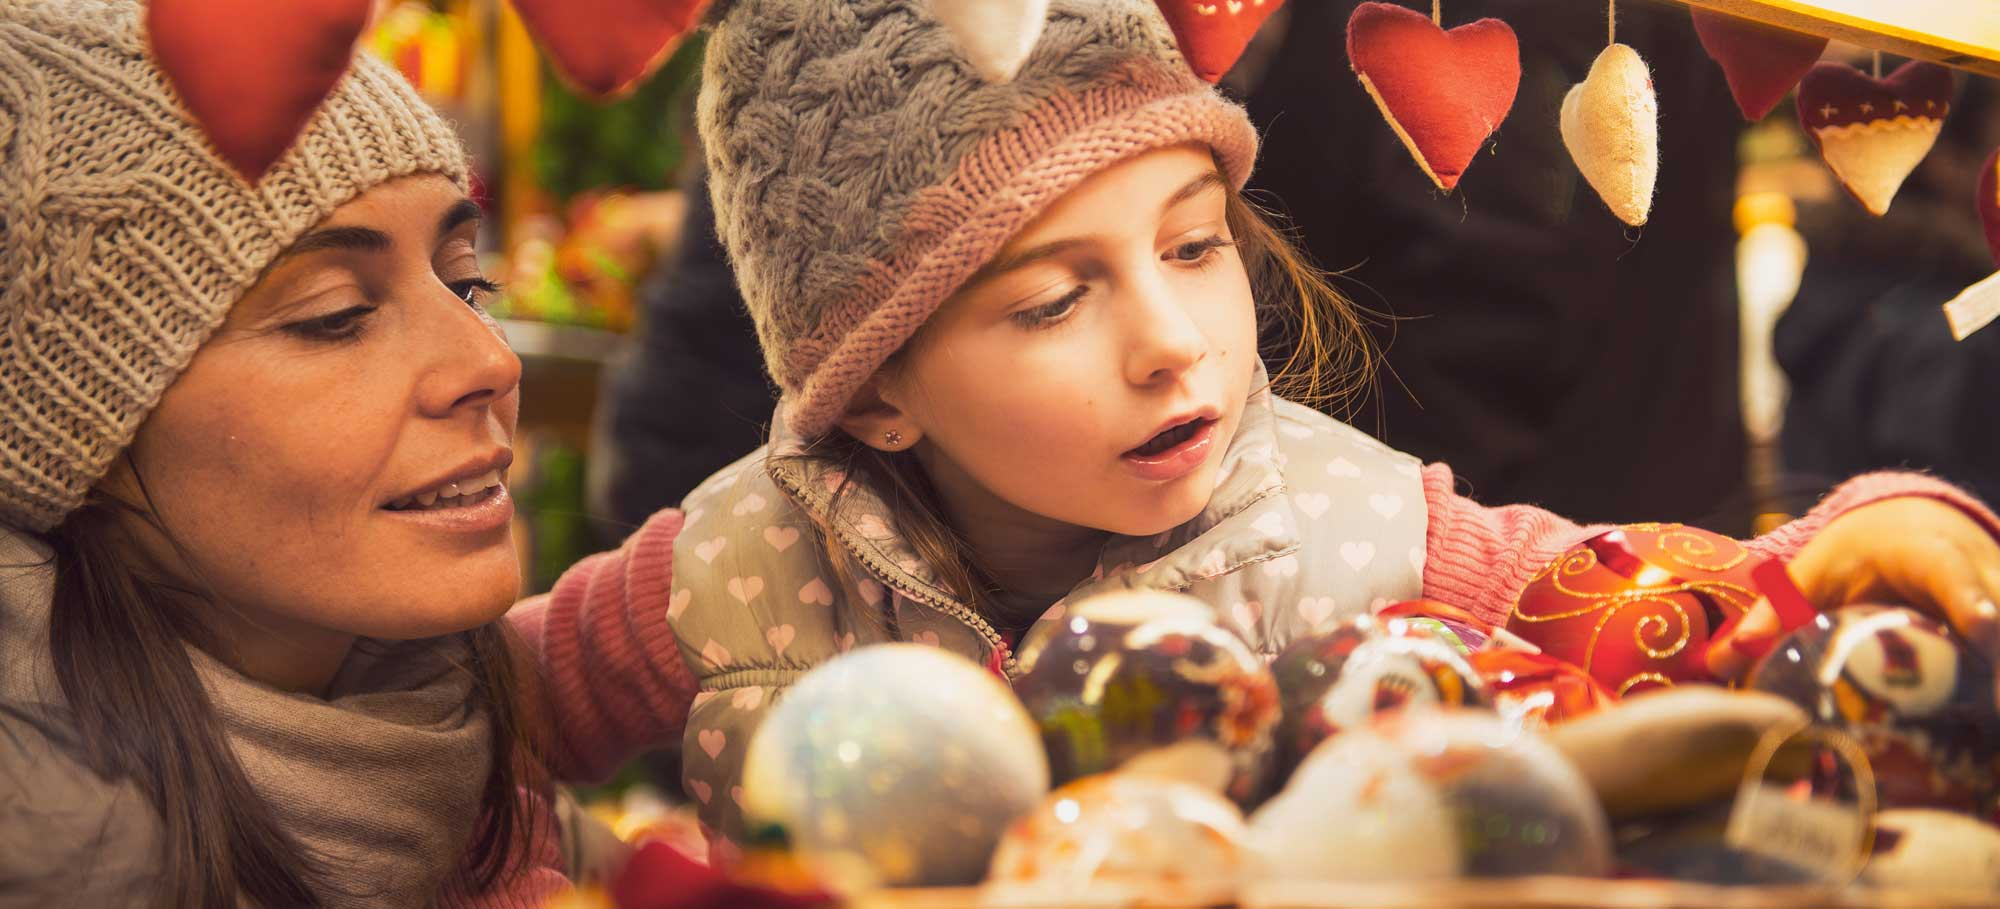 Family Christmas Fest